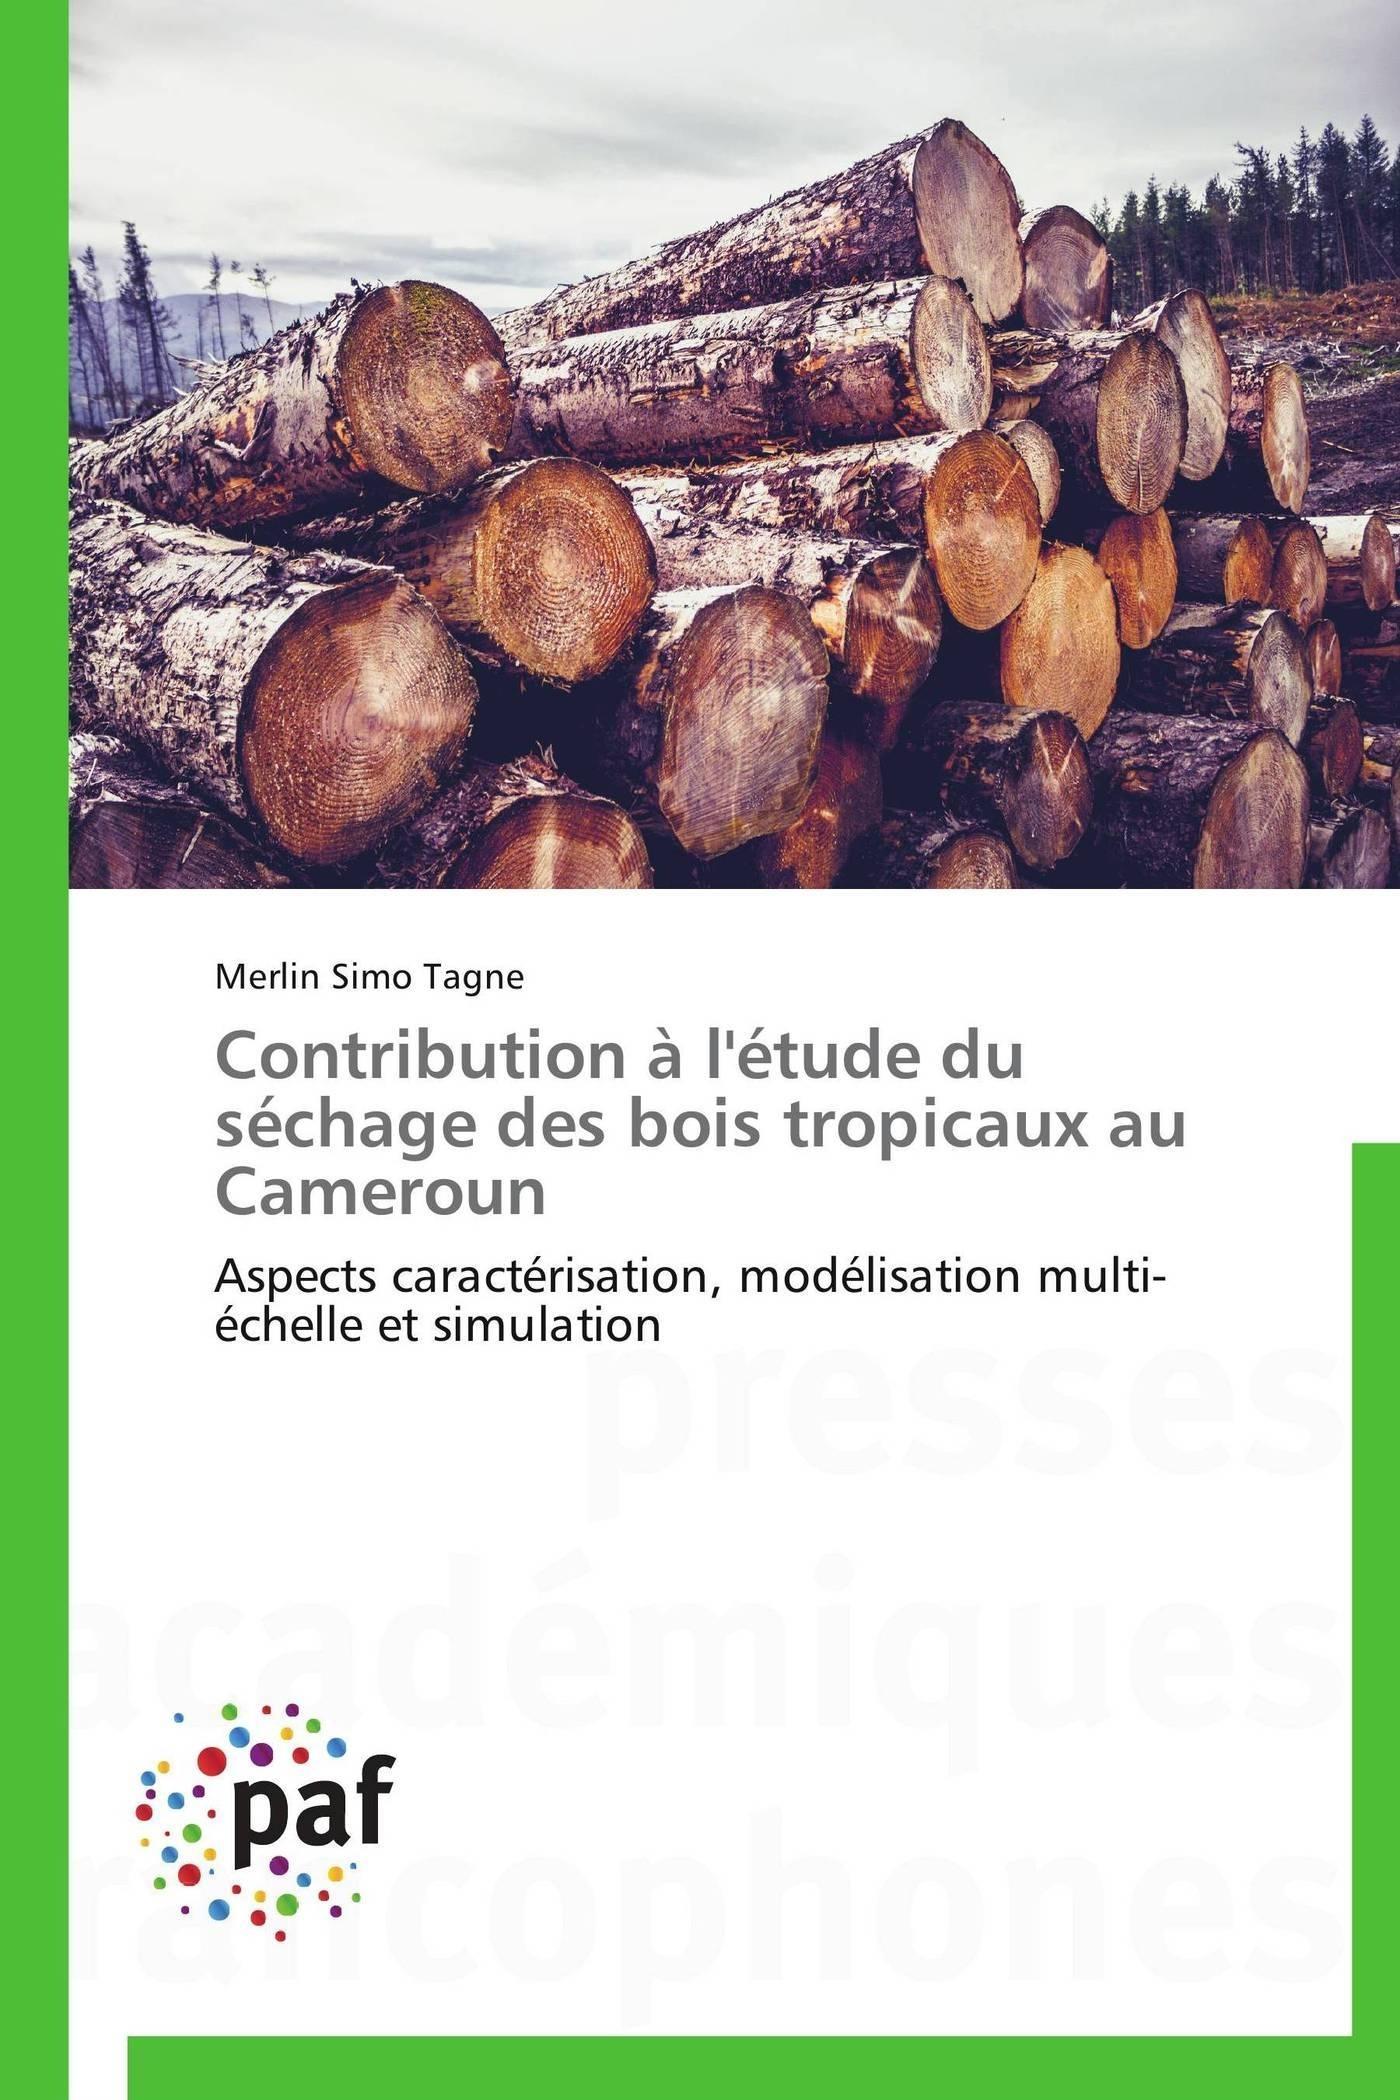 CONTRIBUTION A L'ETUDE DU SECHAGE DES BOIS TROPICAUX AU CAMEROUN